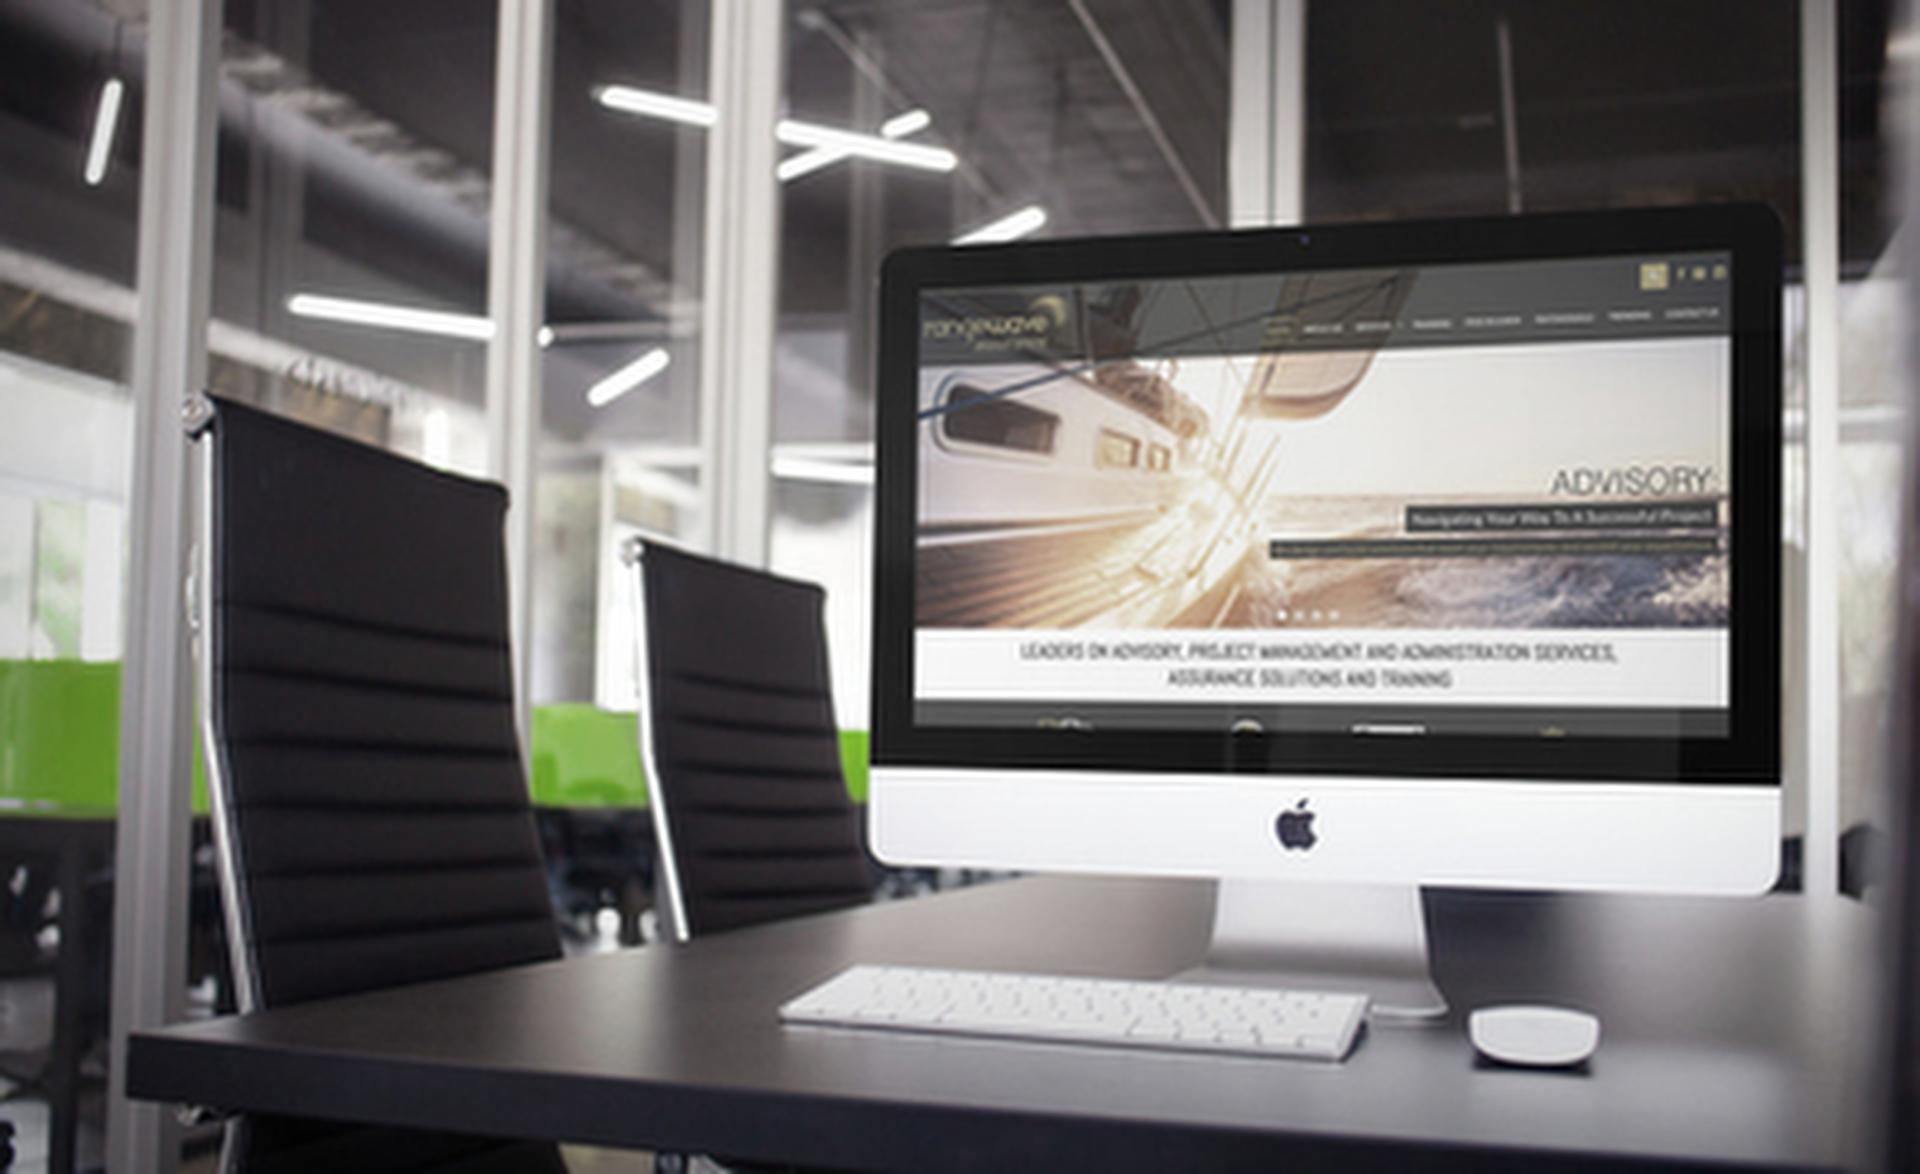 case studies website design development web redesign services. Black Bedroom Furniture Sets. Home Design Ideas